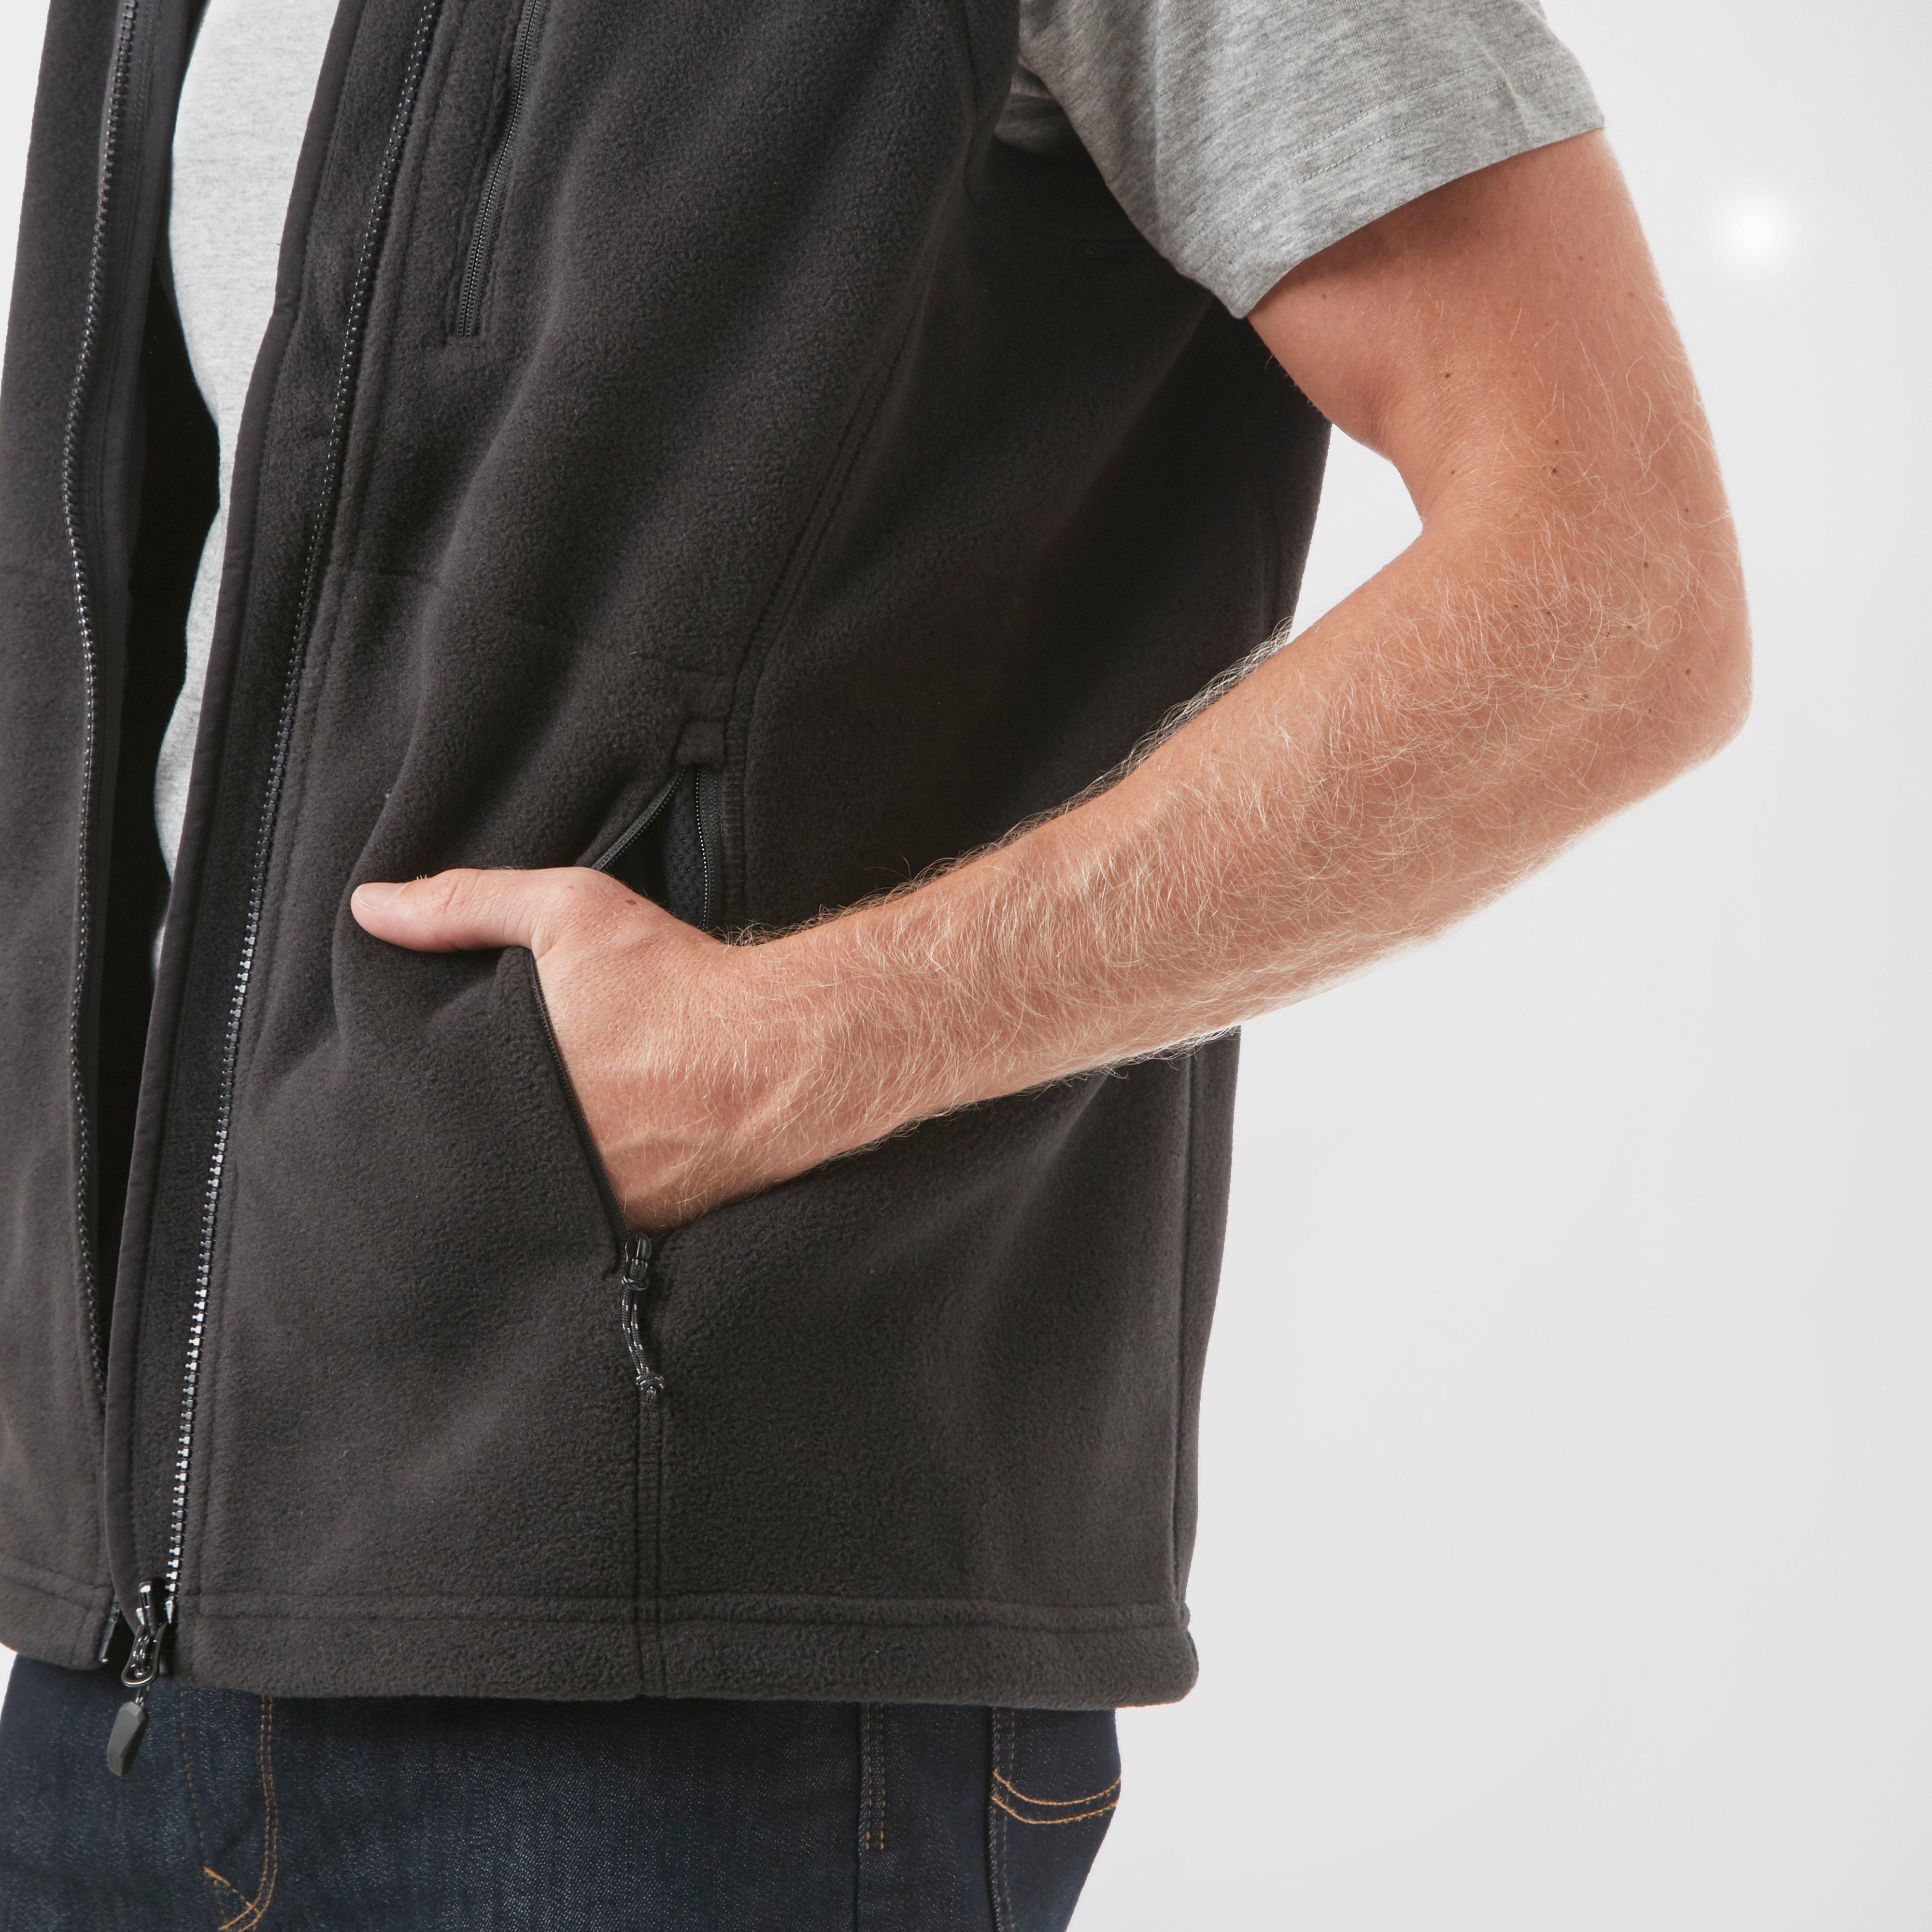 Black//Black Large Berghaus Men/'s Prism PolarTec Interactive Gilet Vest